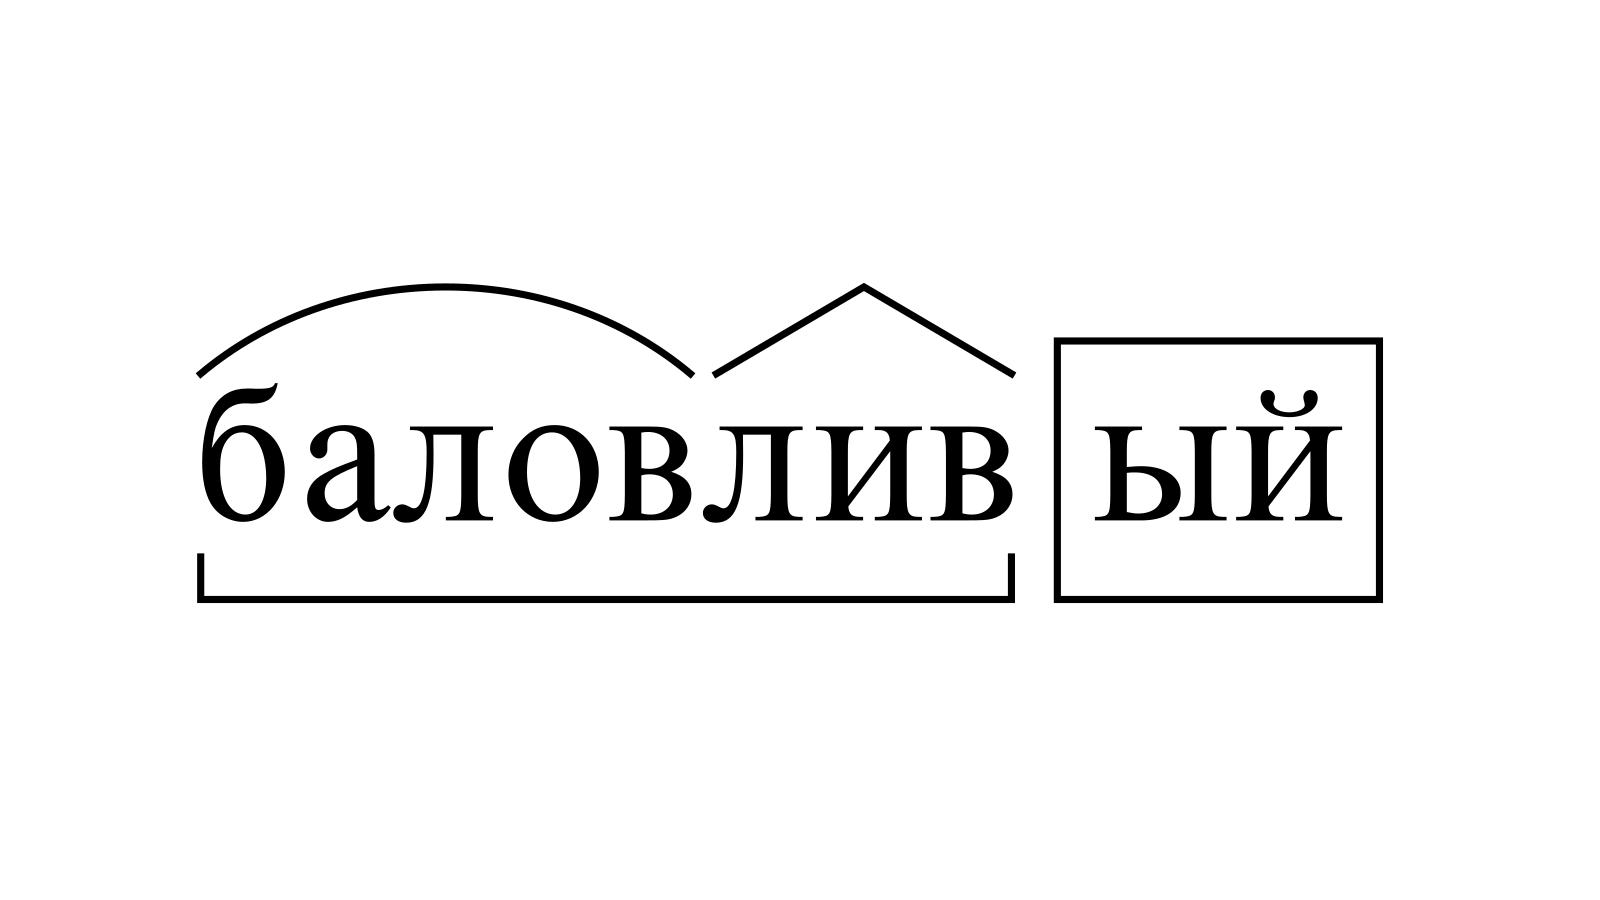 Разбор слова «баловливый» по составу